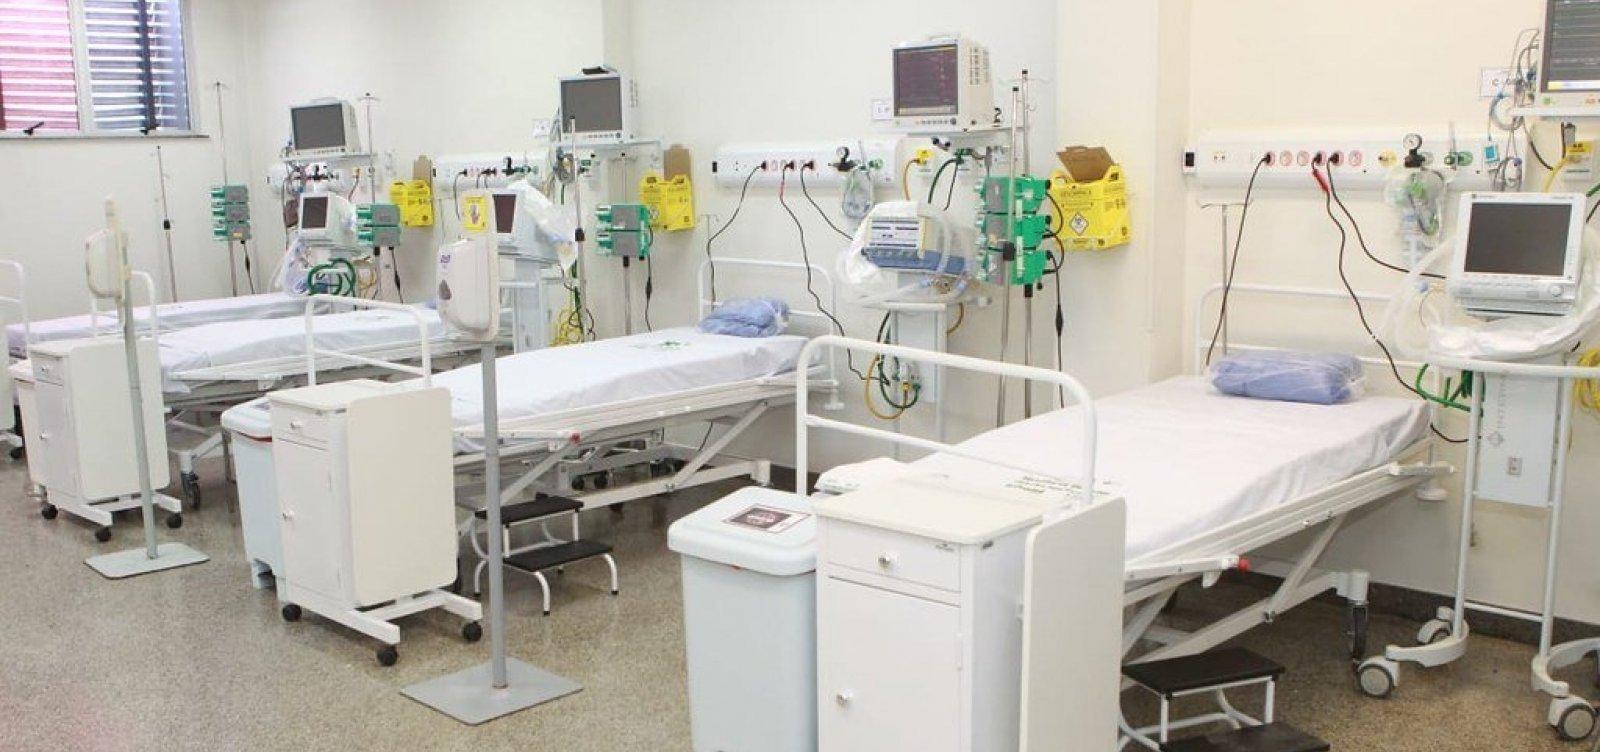 Bahia deve receber pacientes de Manaus com Covid-19 nesta terça, diz secretário de Saúde